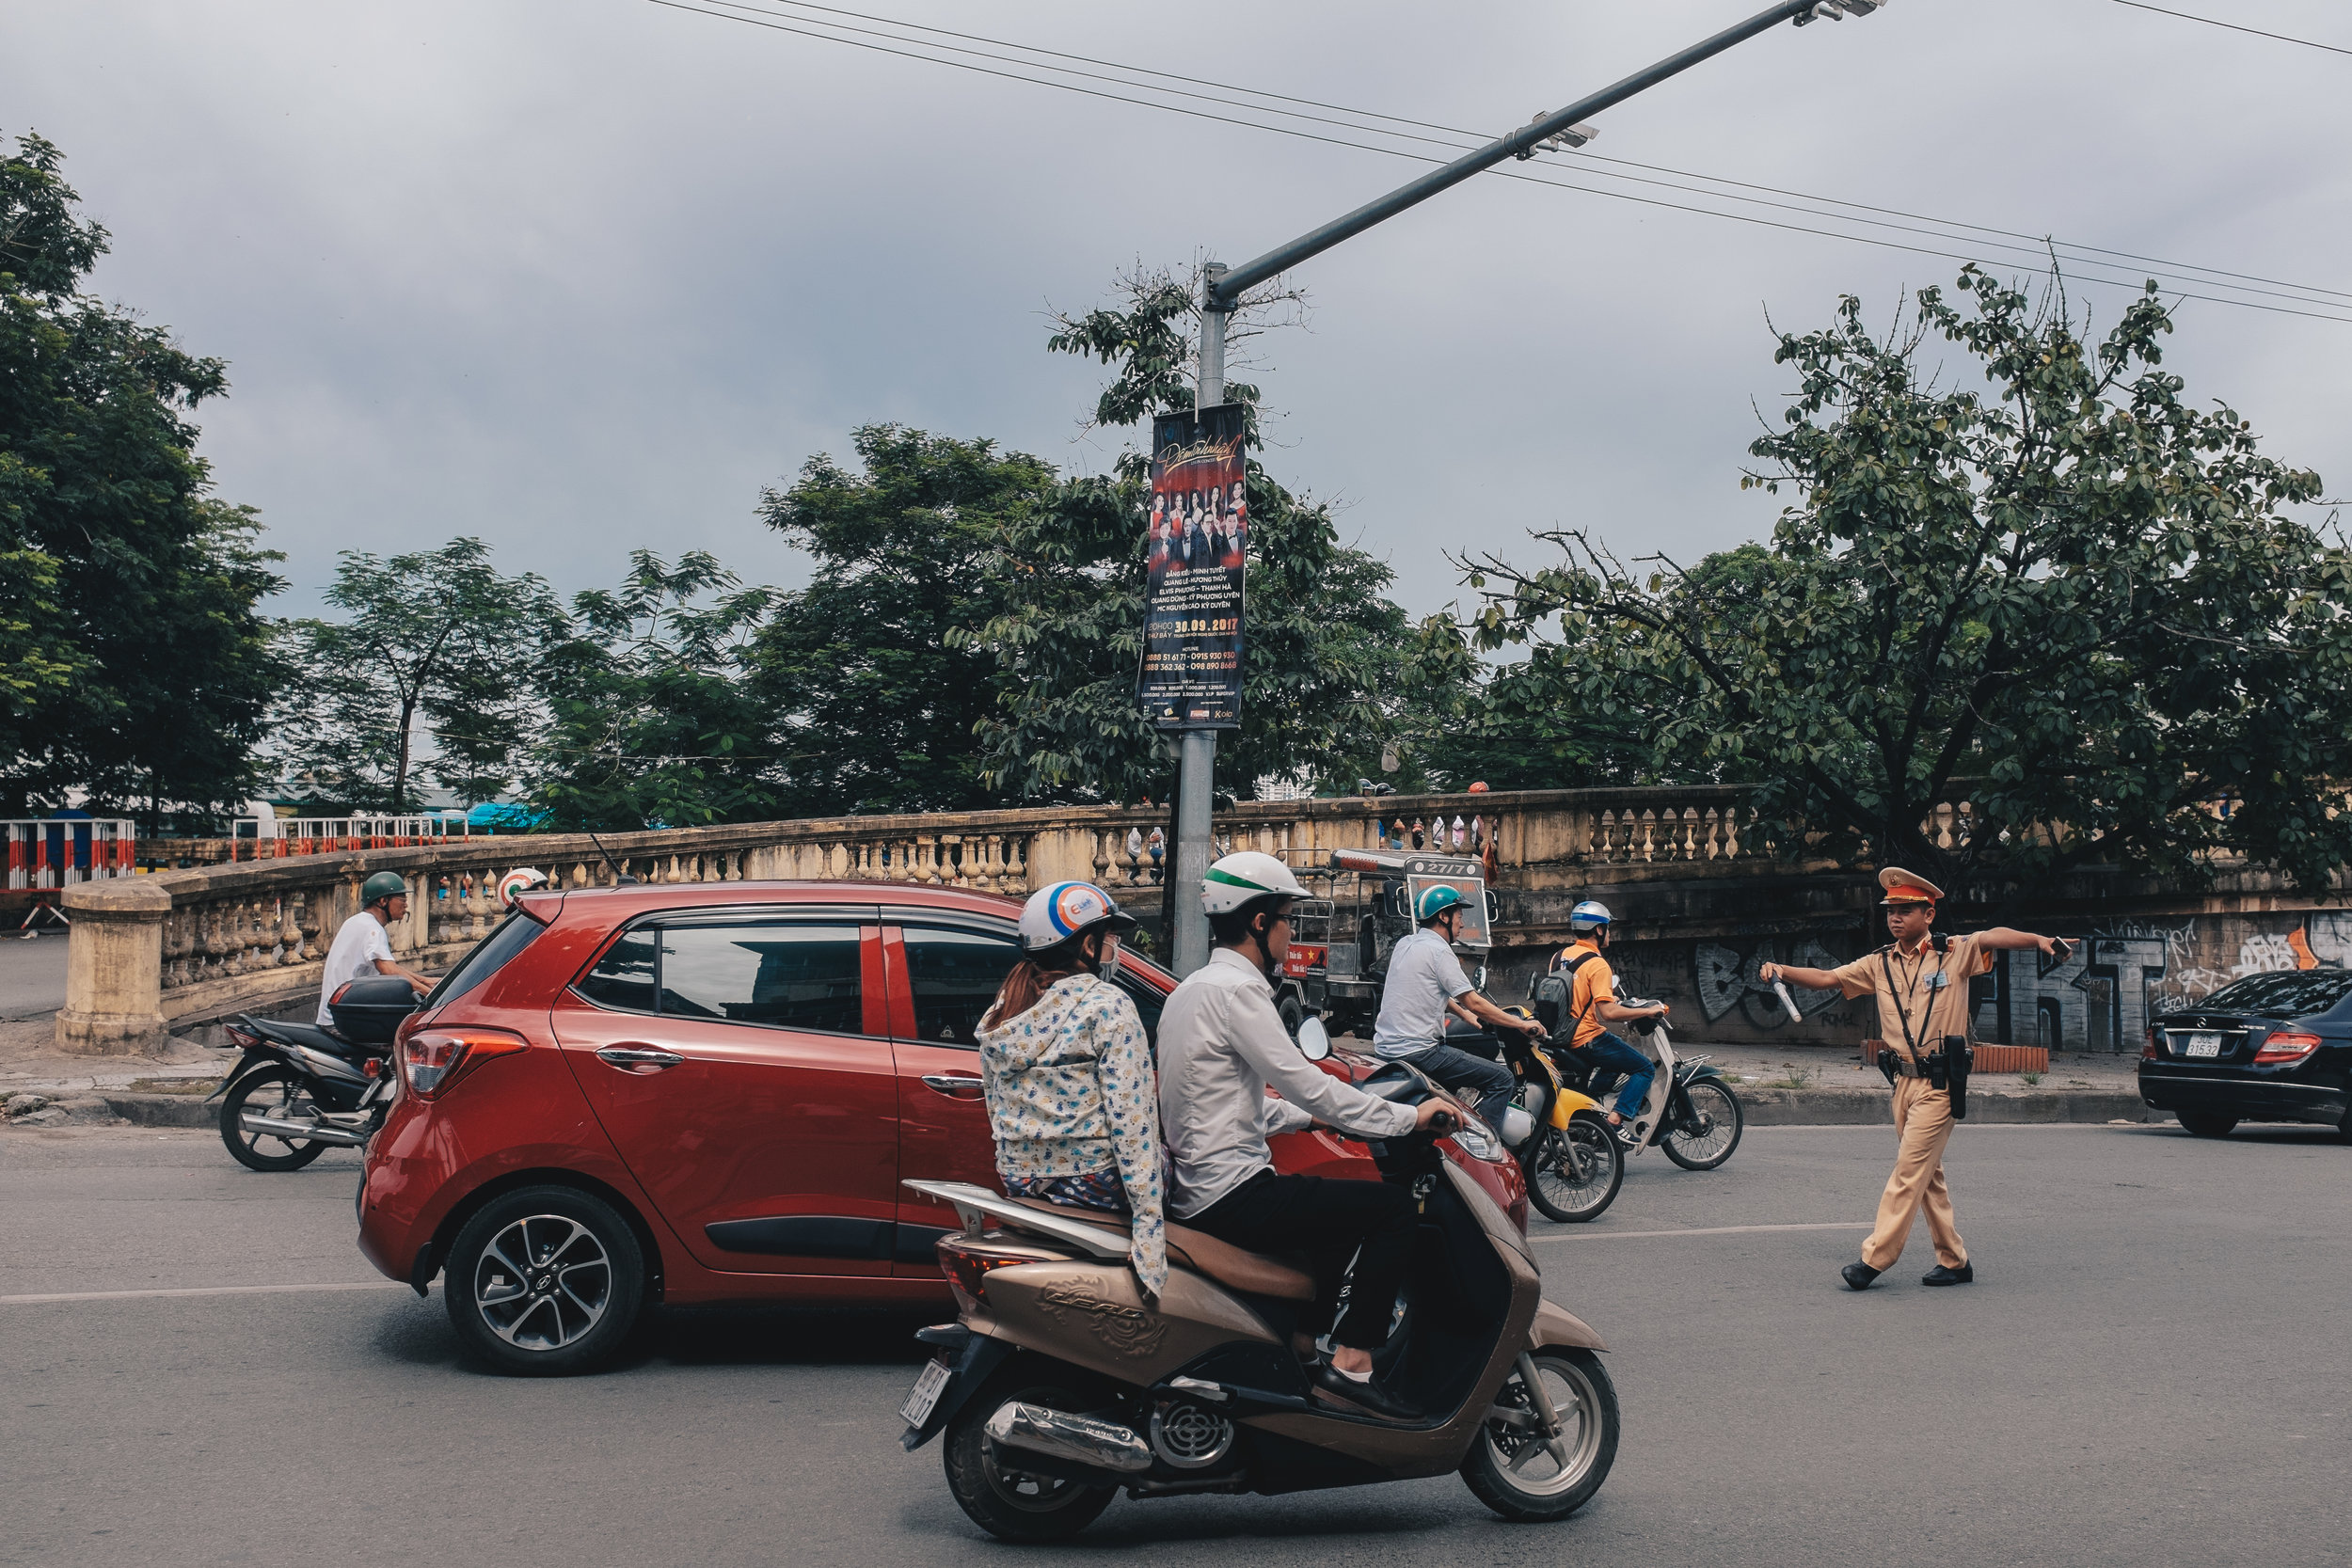 hanoi-traffic-motorbike.jpg